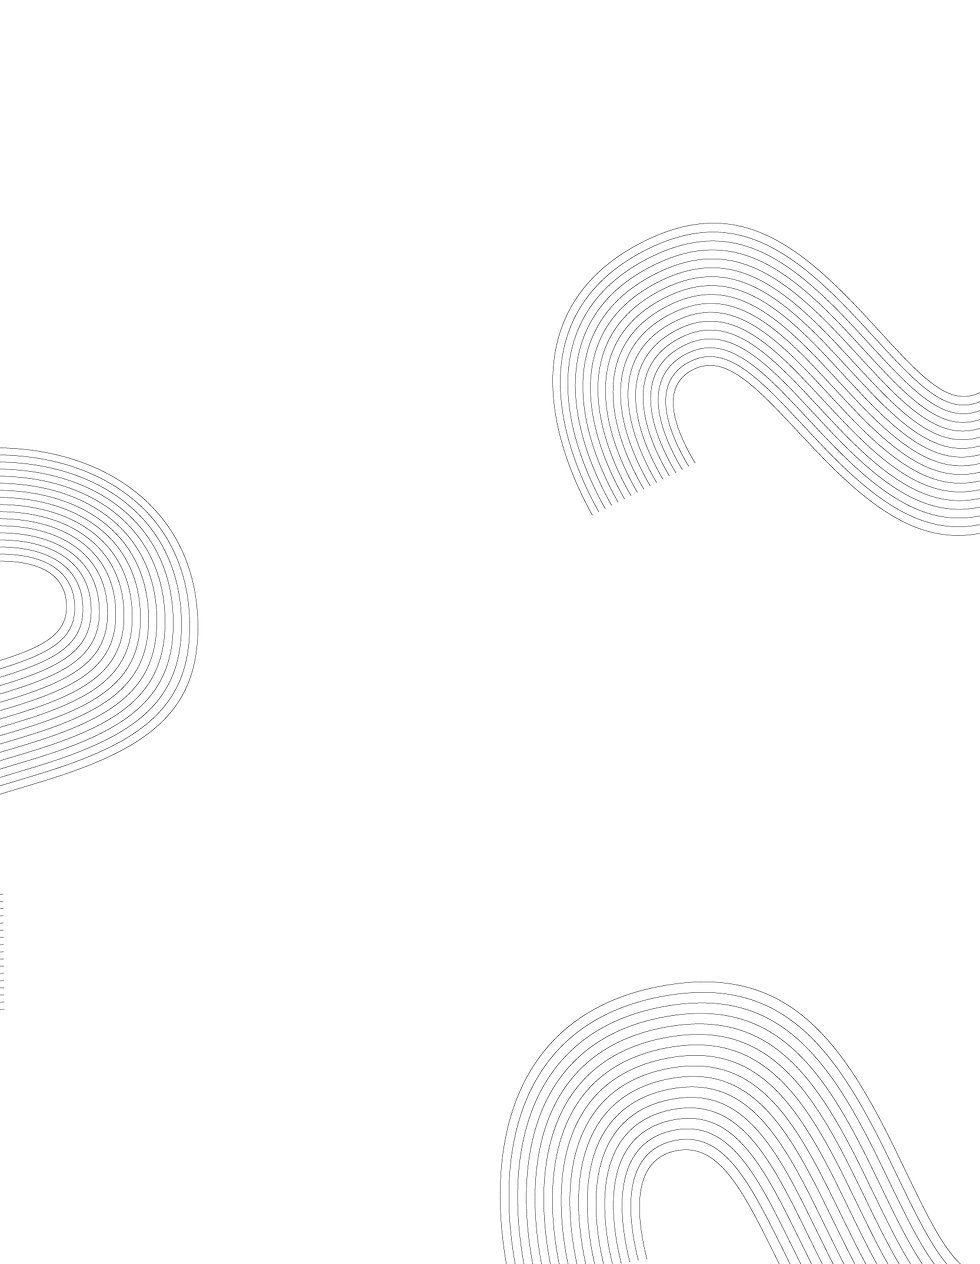 Lines_4-01-01.jpg